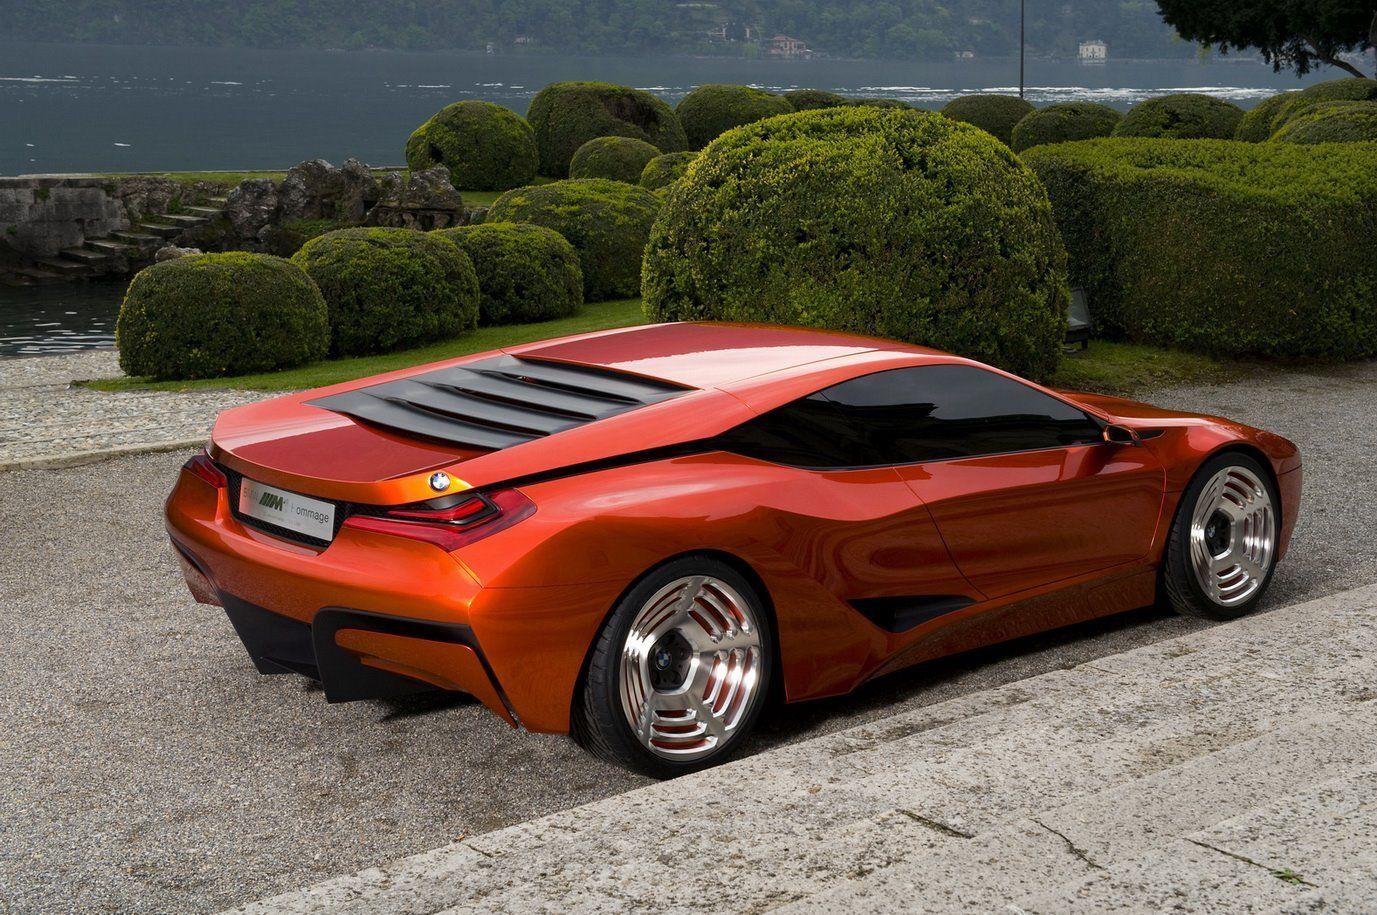 bmw cars | bmw latest cars |its my car club | bmw cars | pinterest